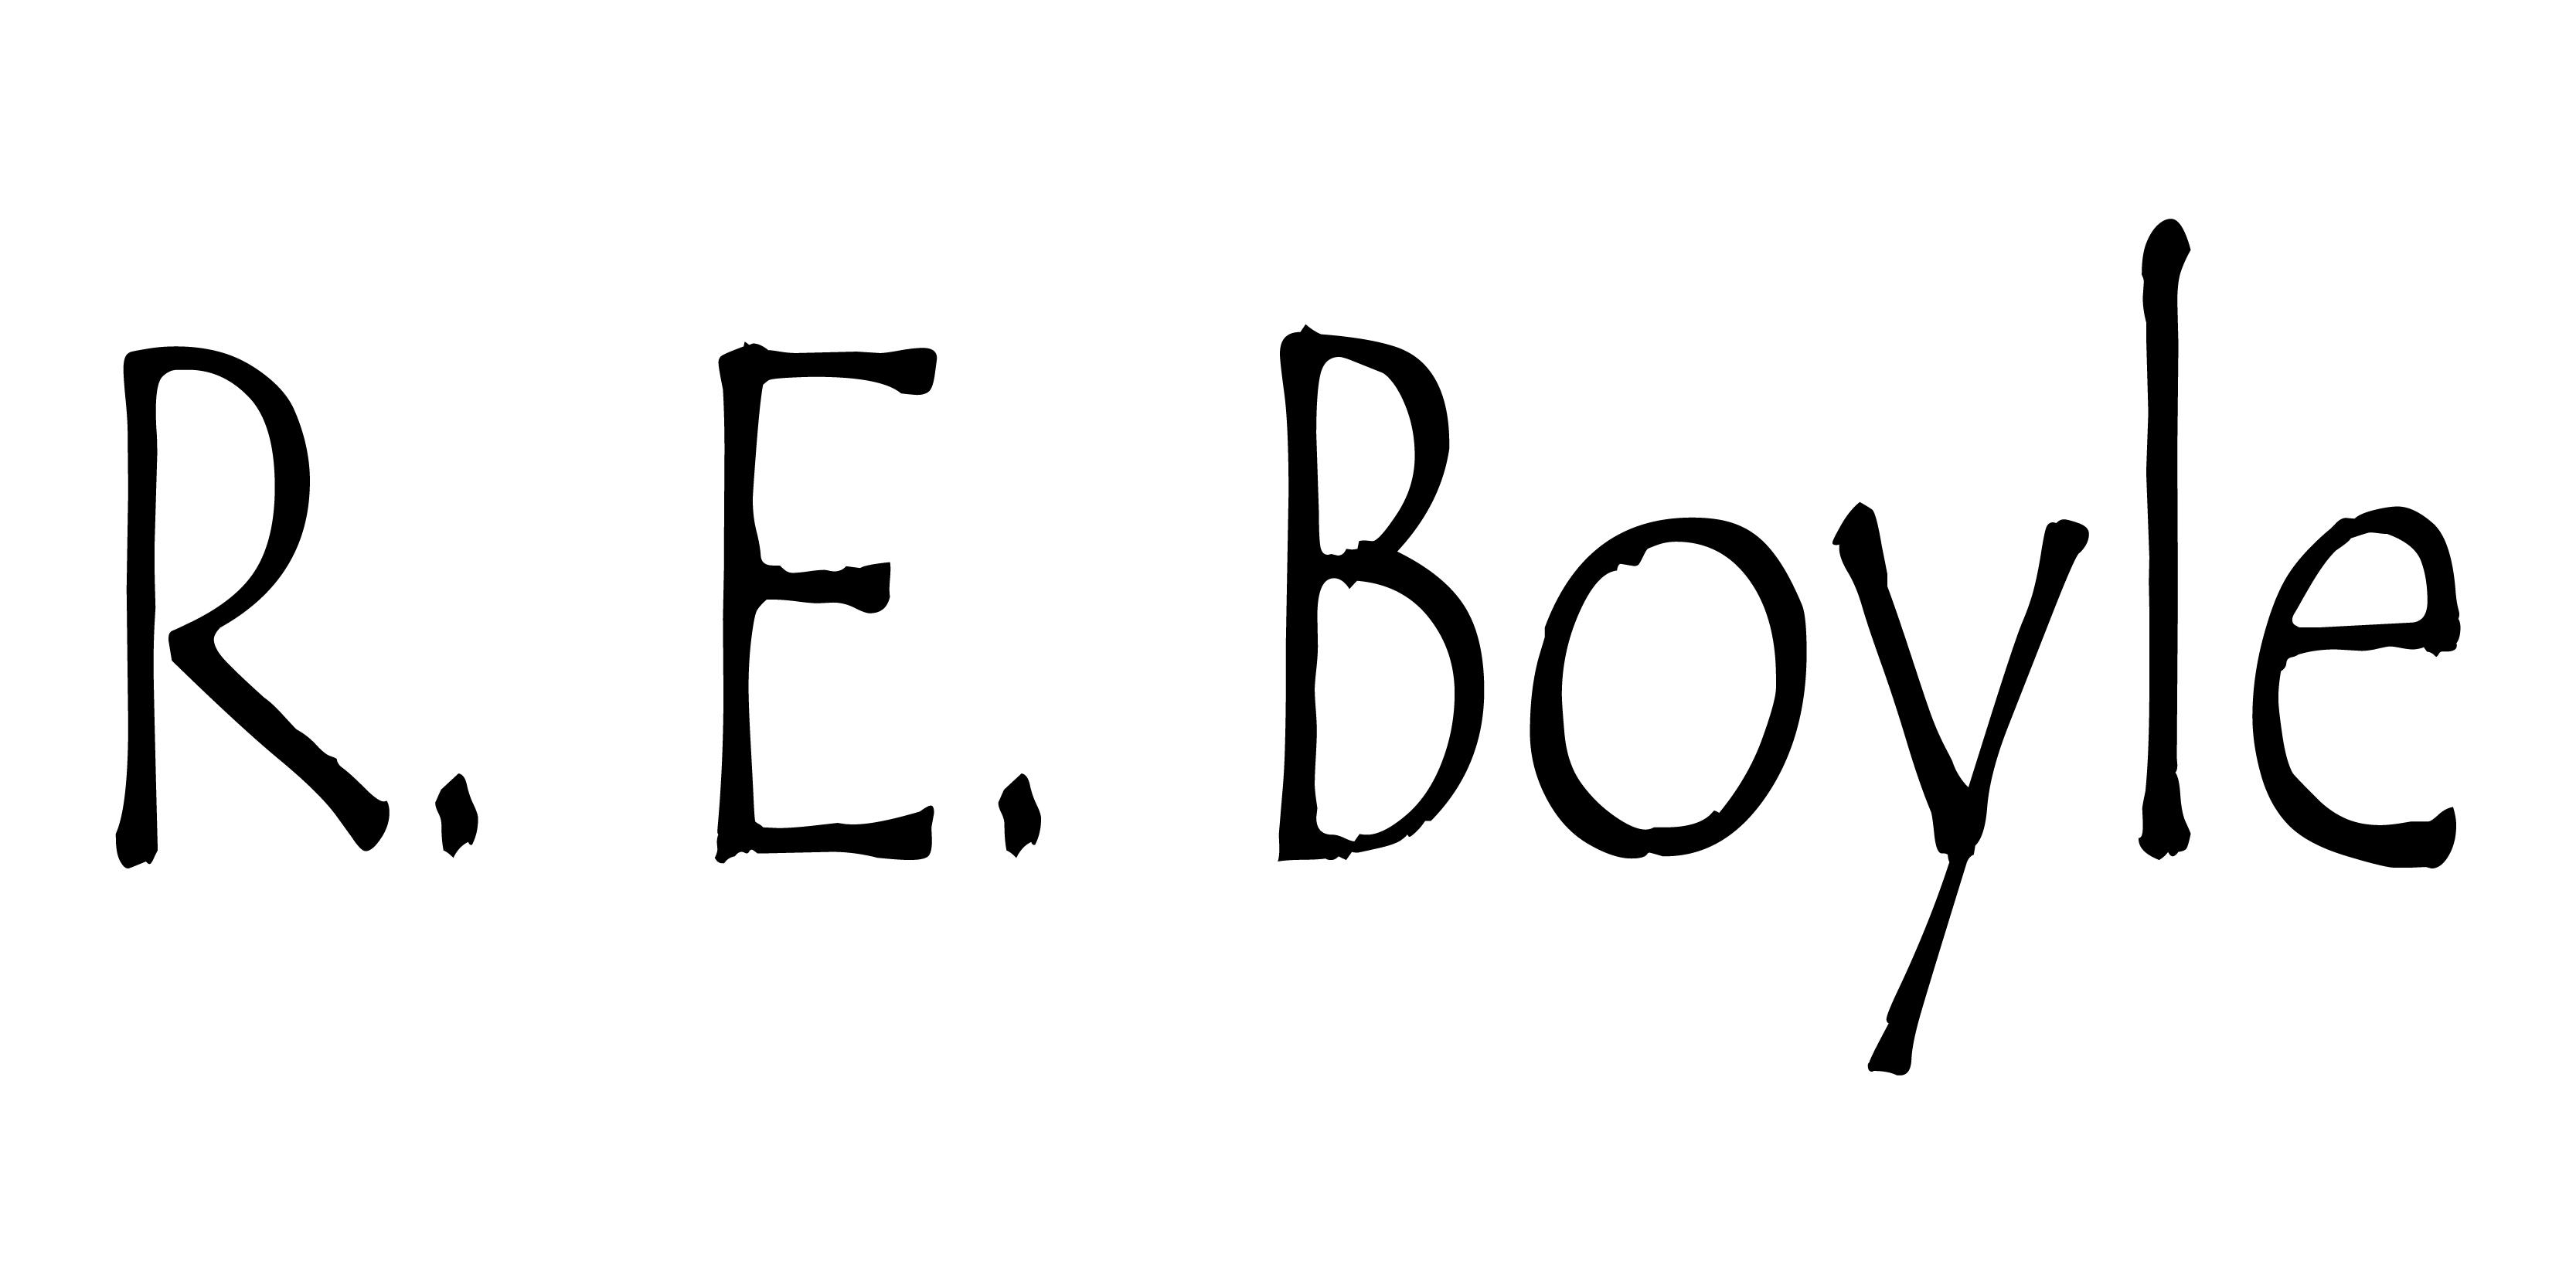 Rebecca Boyle's Signature